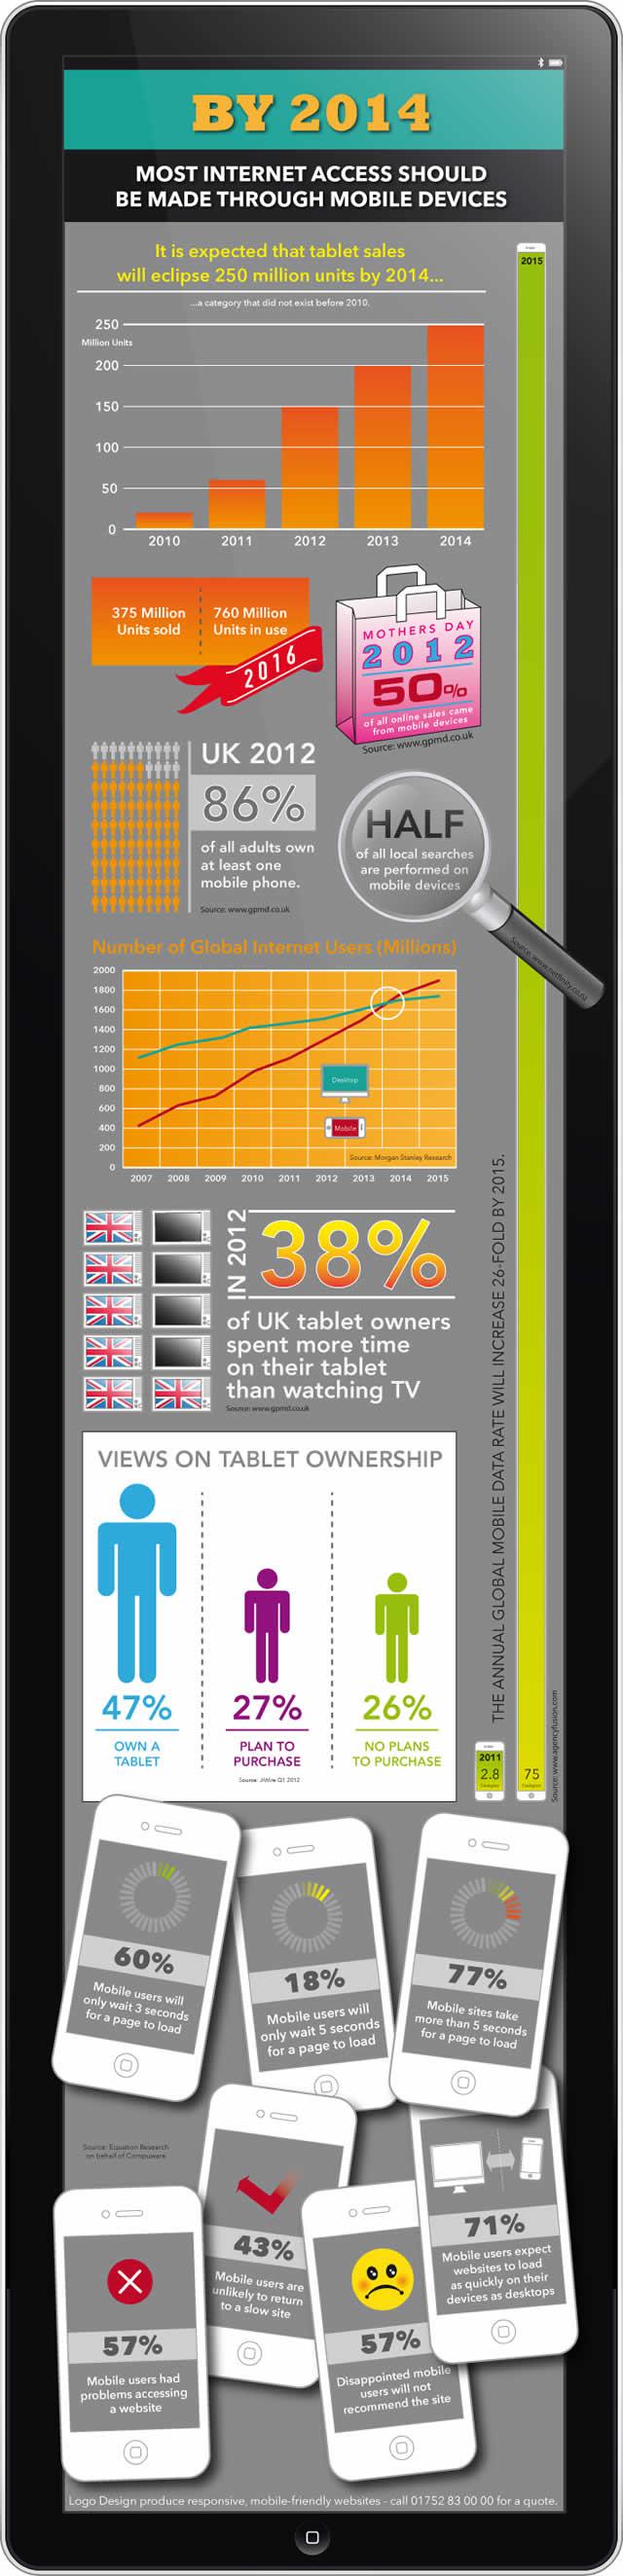 นักท่องเว็บบนมือถือ 57% ยอมรับว่ามีปัญหาในการดูเว็บไซต์บนอุปกรณ์พกพา